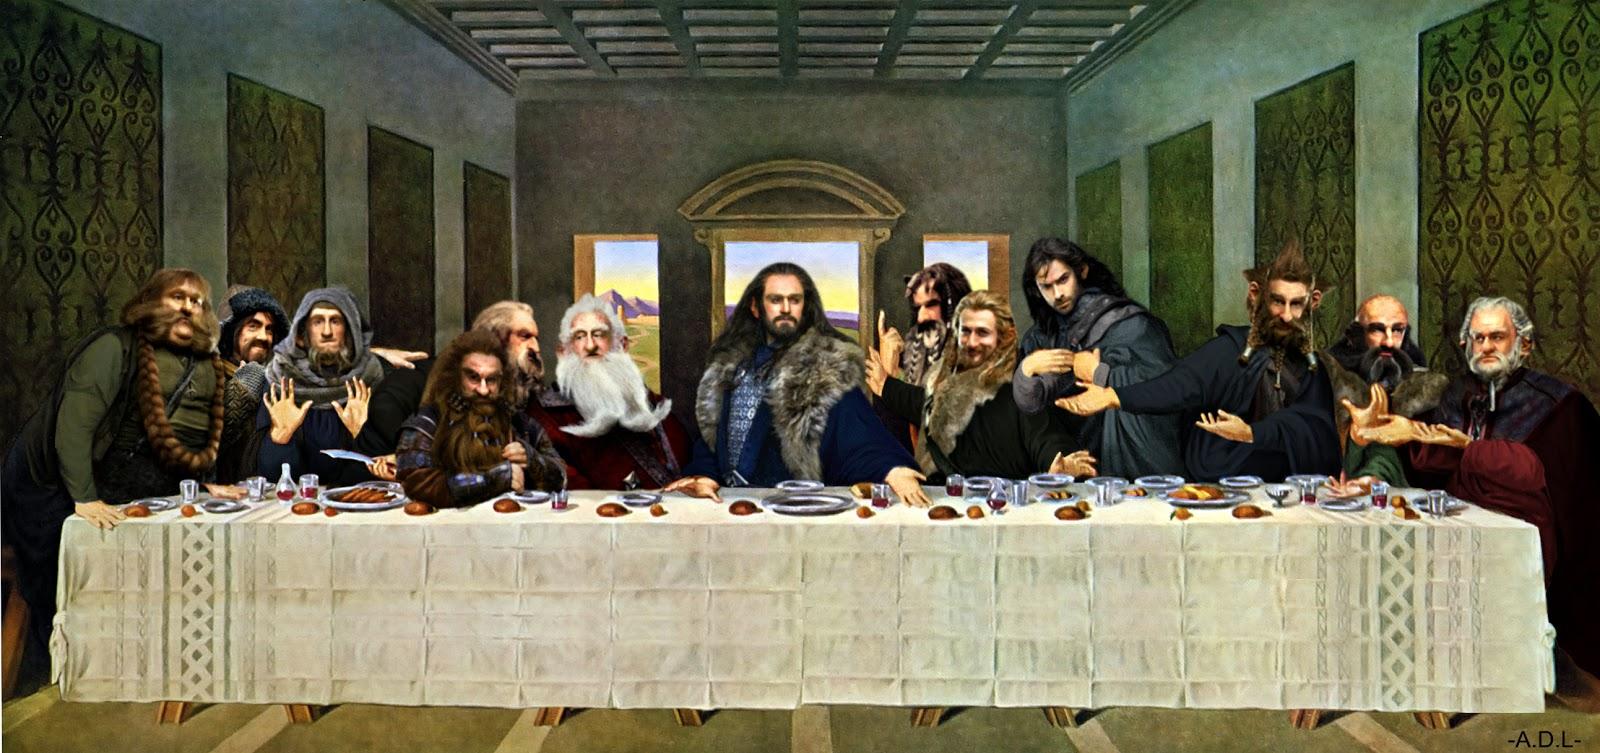 Supper Dwarves